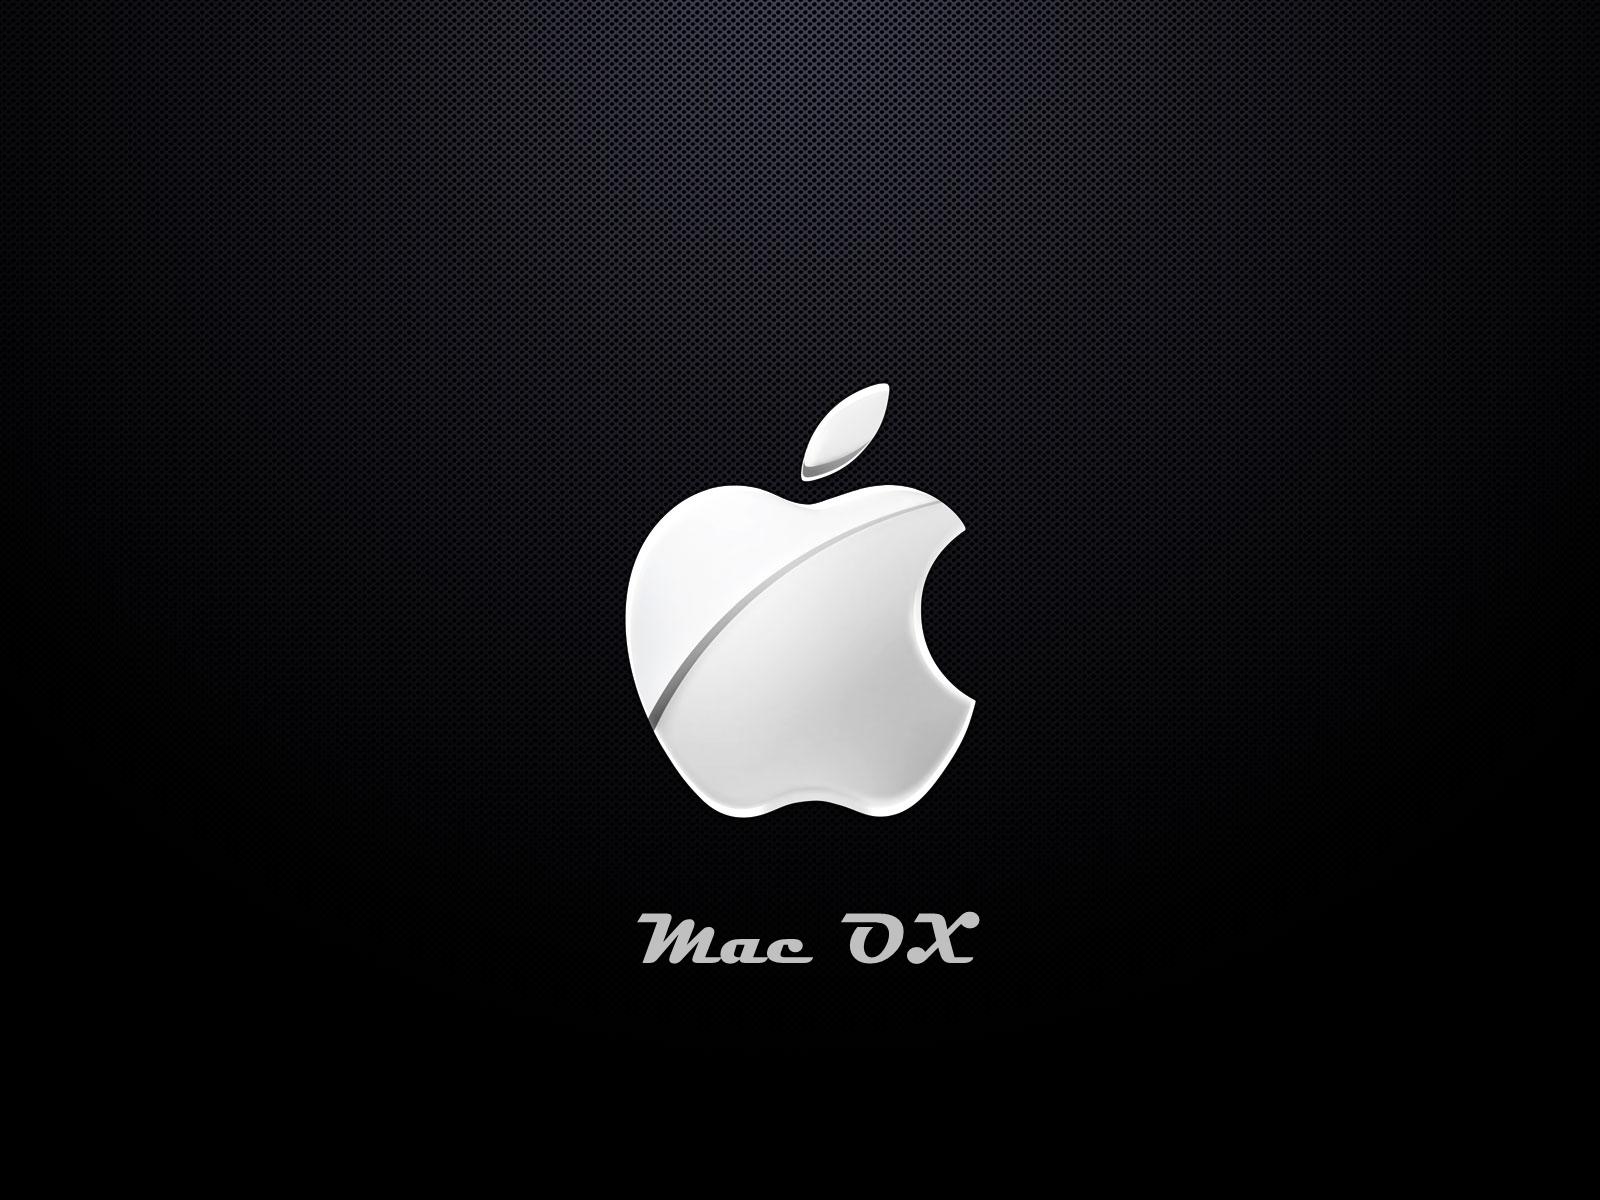 http://3.bp.blogspot.com/-ioN9ETYcTik/TZjJ4H8W3lI/AAAAAAAAADg/tk2mrMvnyqY/s1600/white-apple-logo-wallpaper.jpg